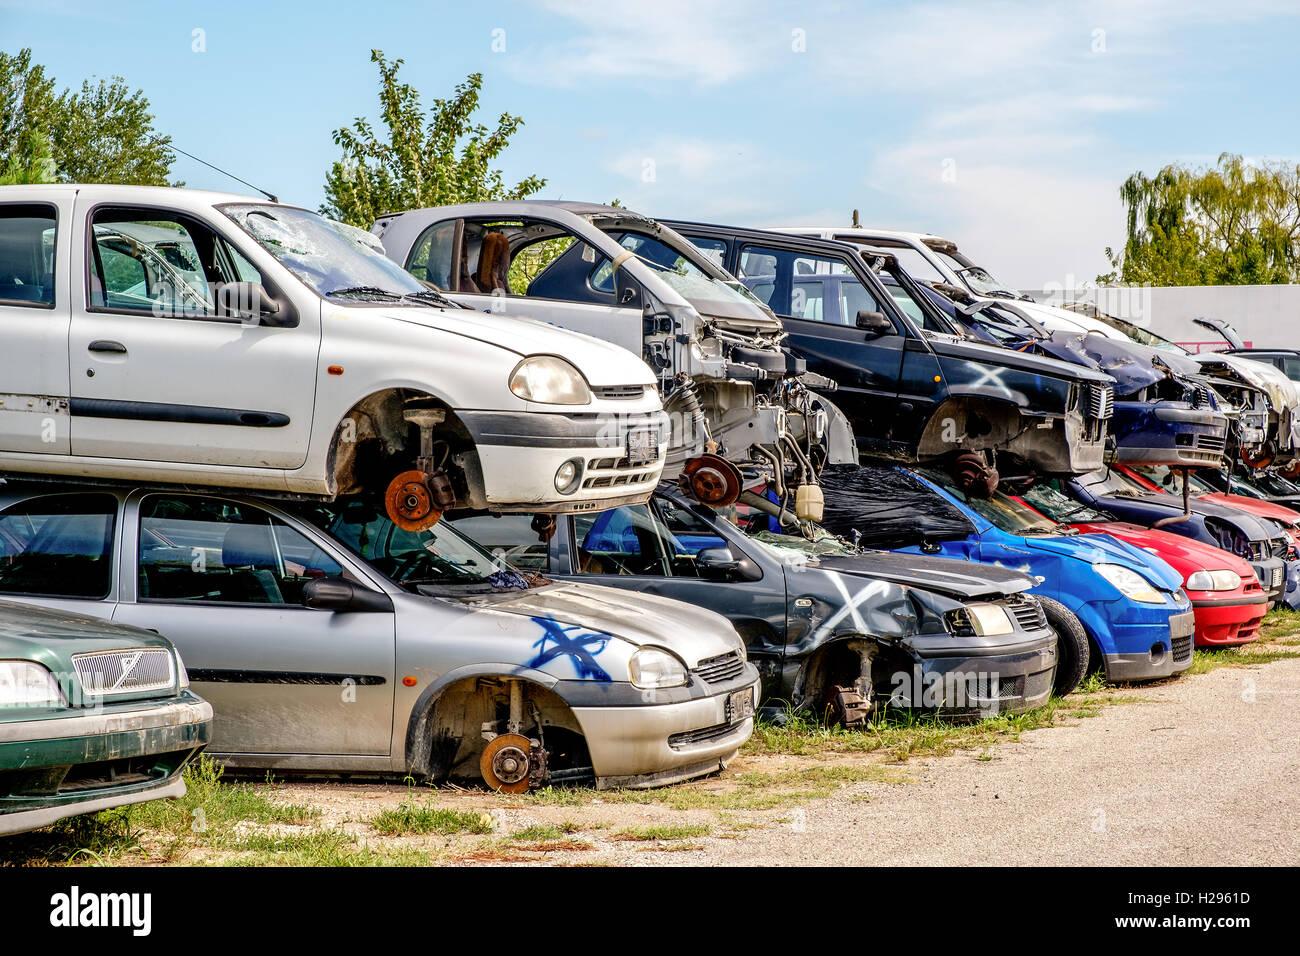 crashed cars junkyard - Stock Image